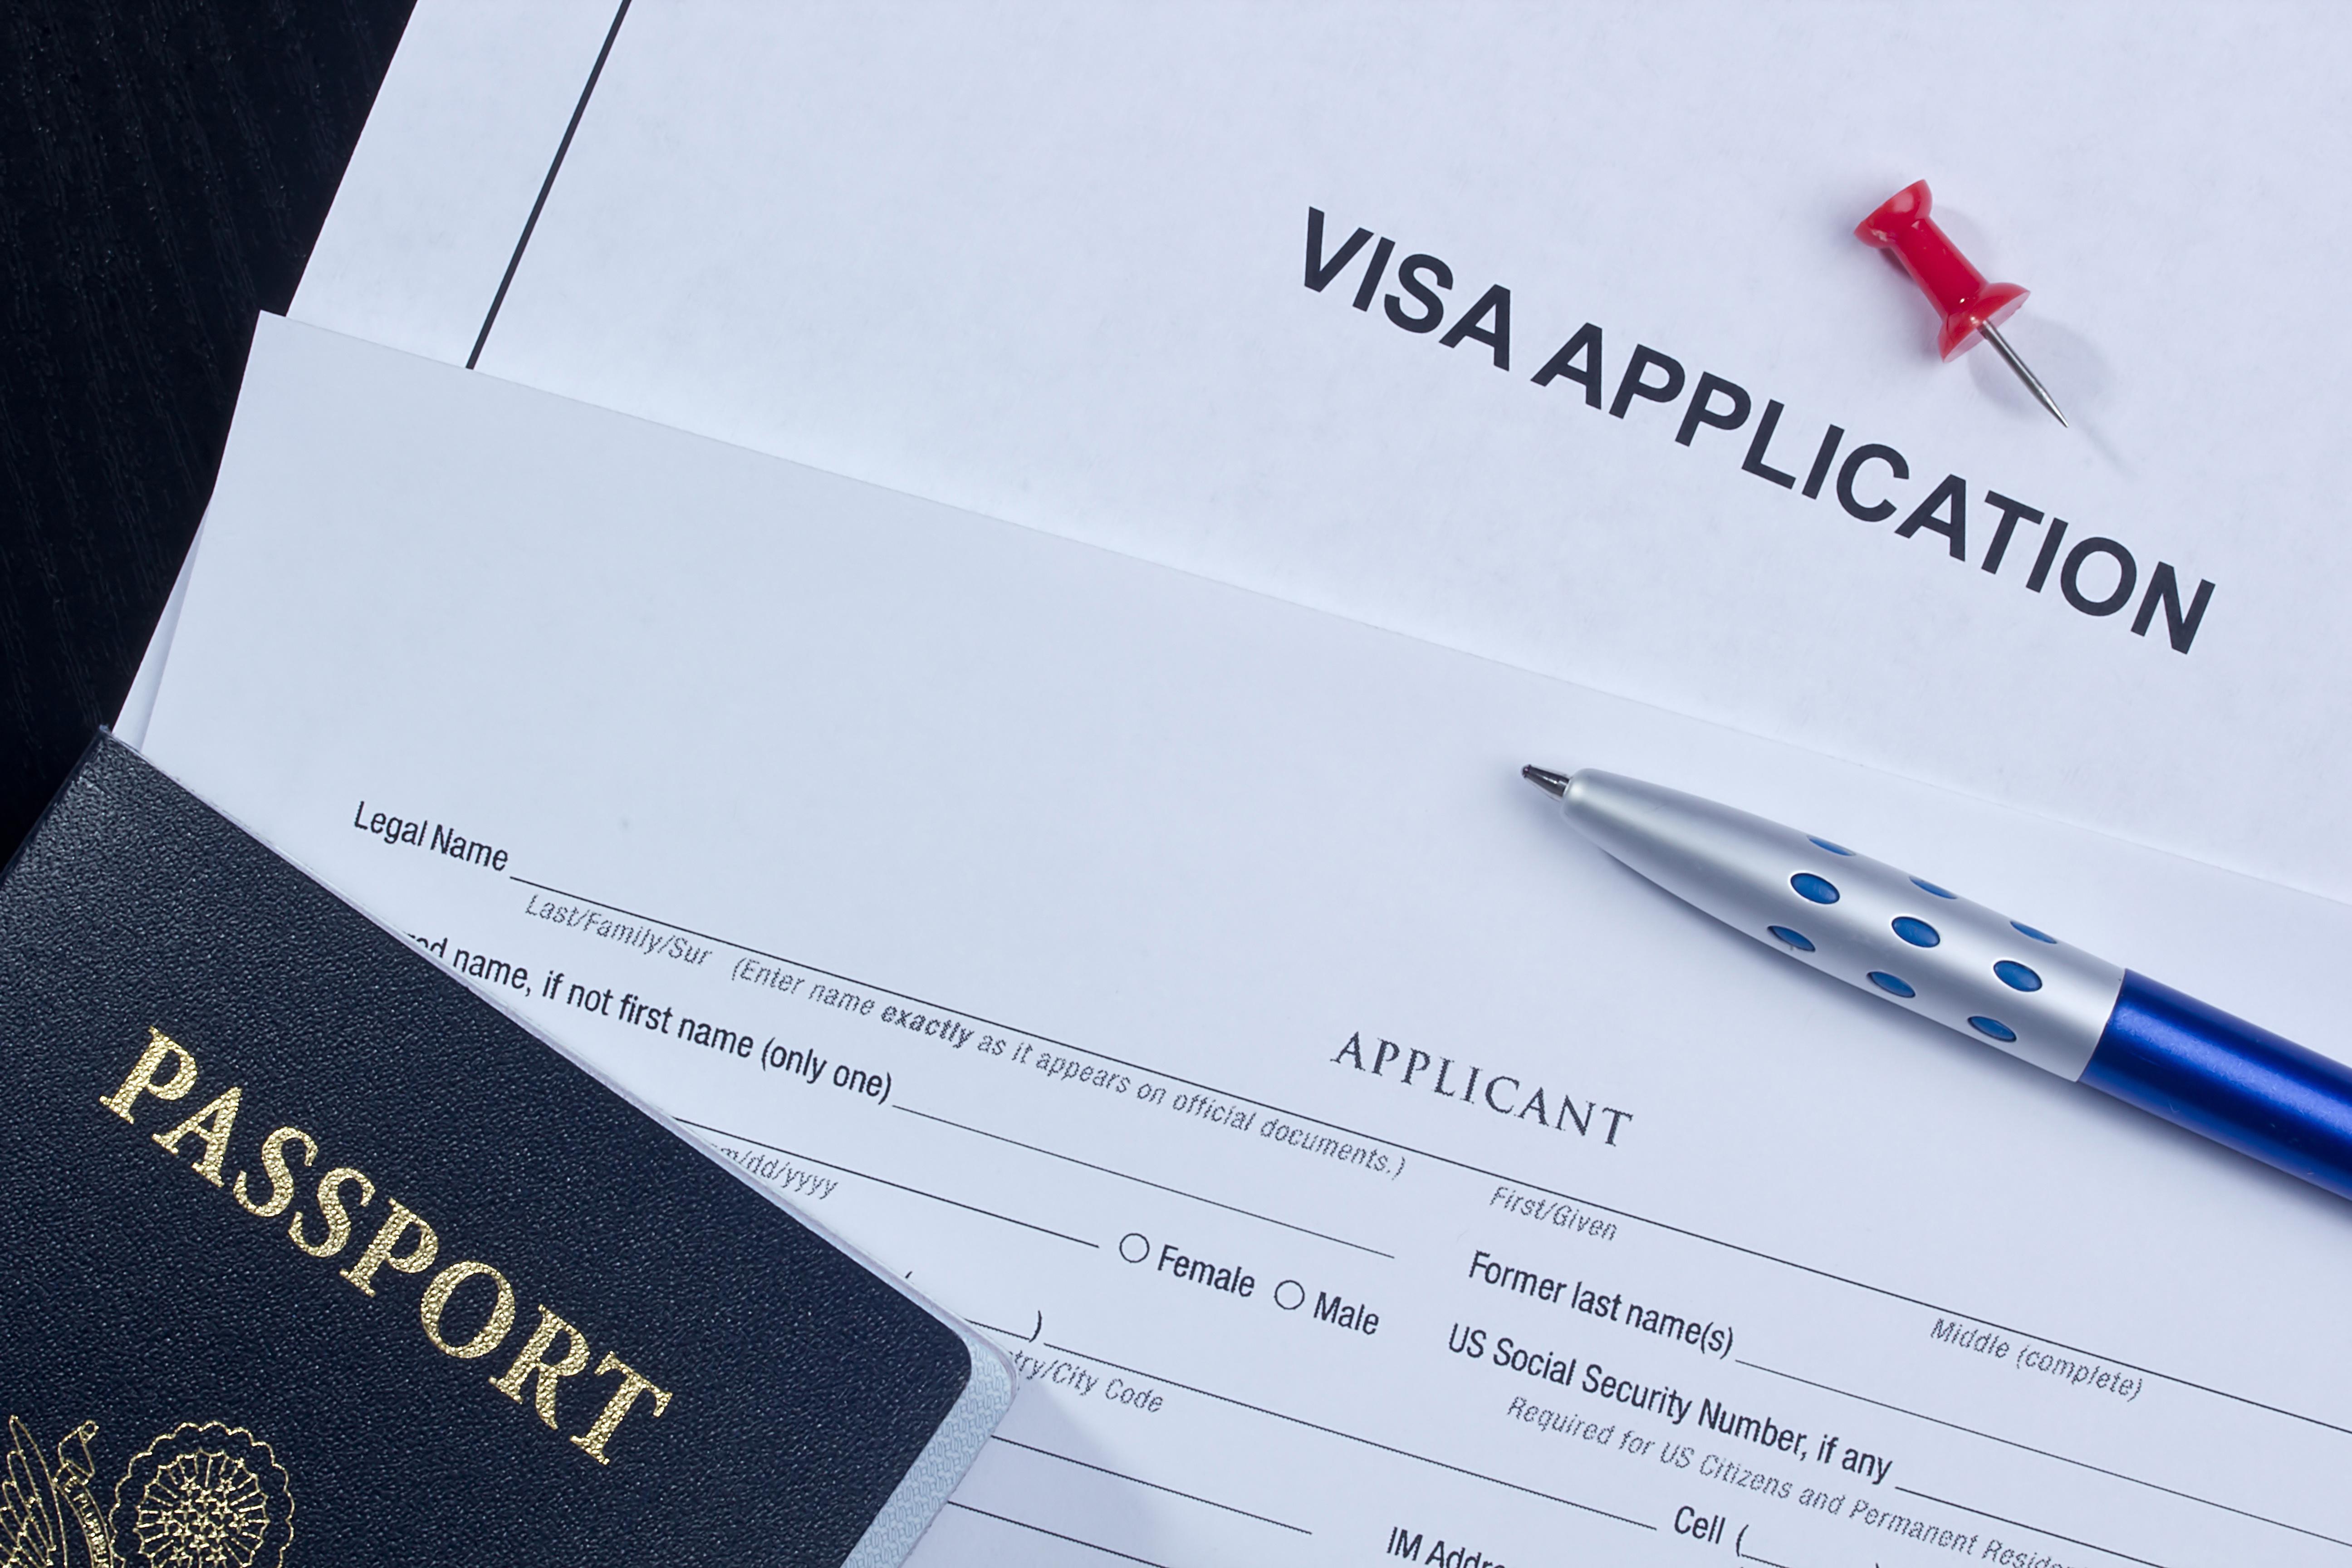 Sabbaticalhomes How To Apply For A Visiting Scholar Visa To The U S Sabbaticalhomes